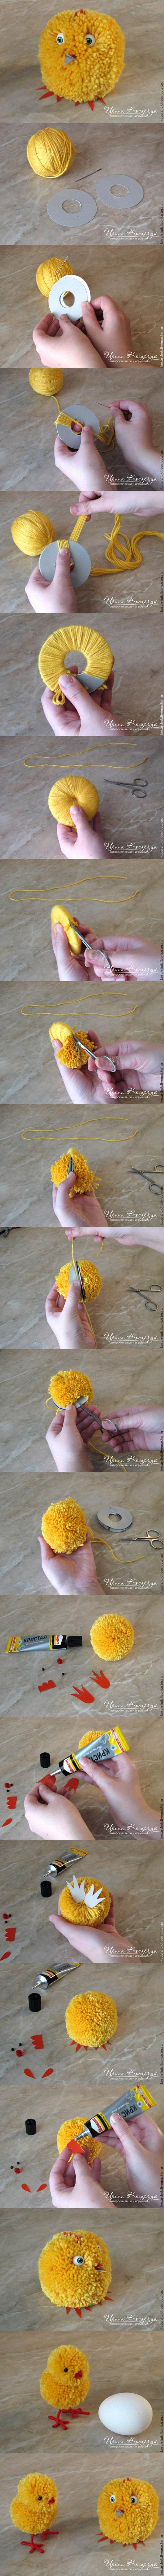 DIY Cute Pom Pom Easter Chicks 1  Wonderful DIY Cute Yarn Pom Pom Chicks